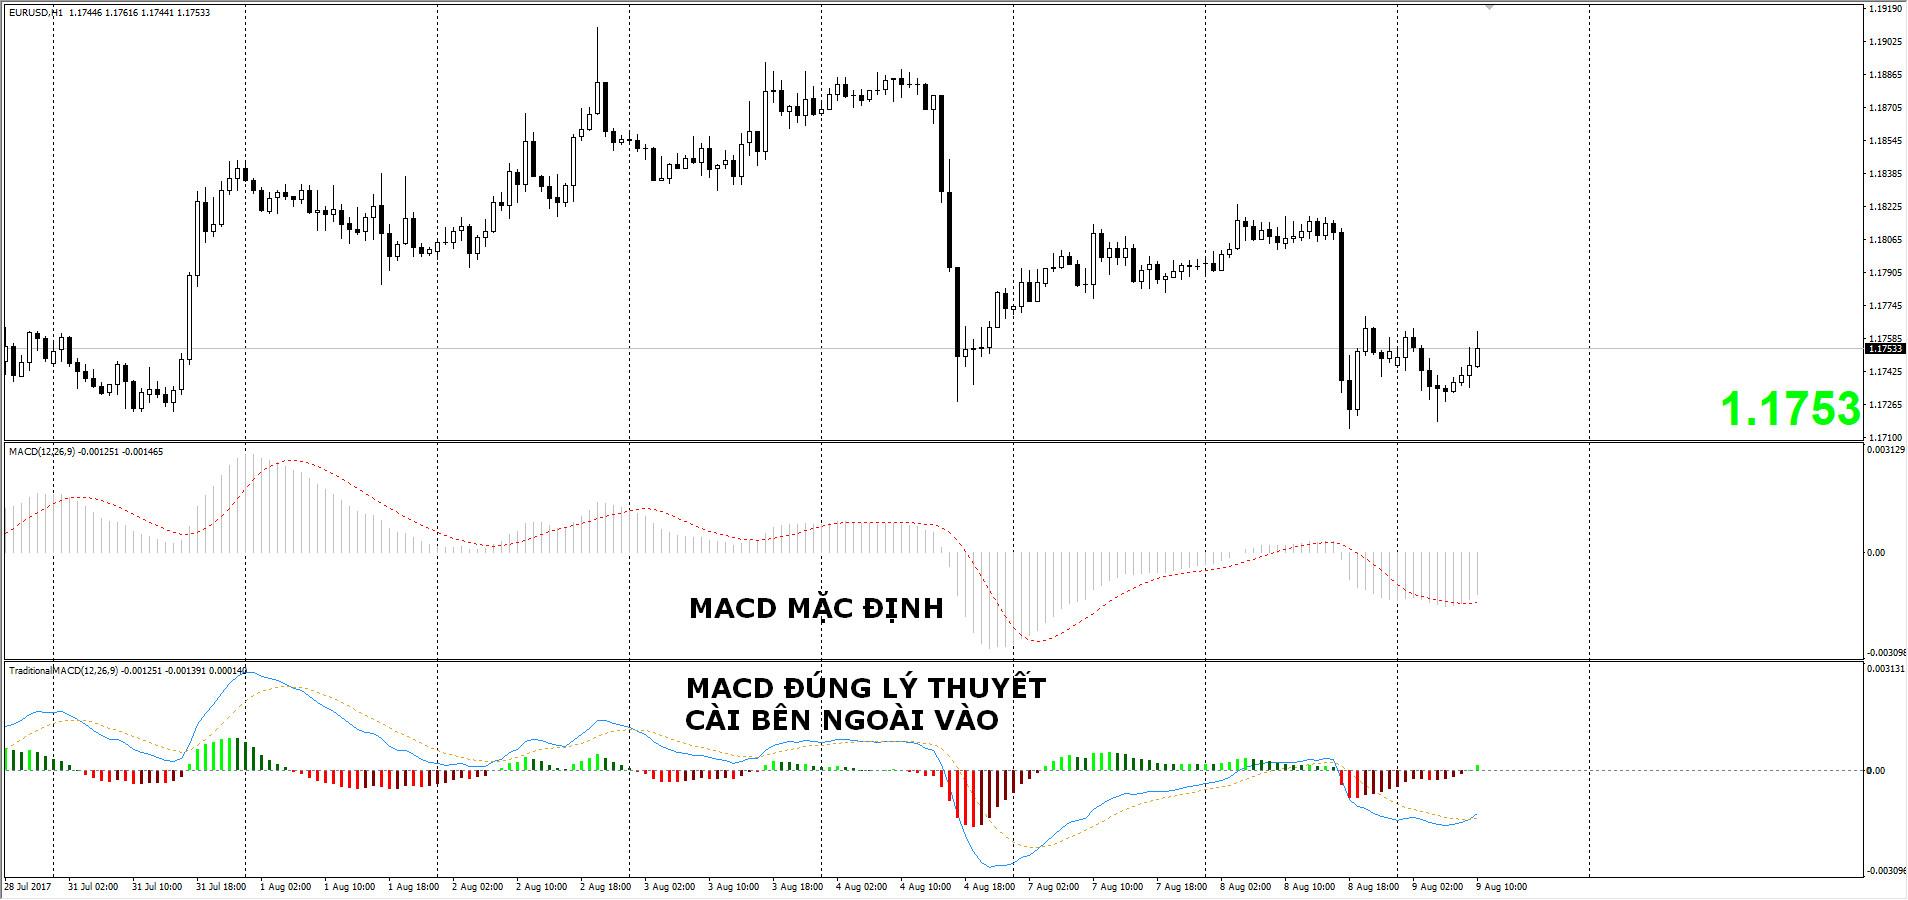 macd-traderviet-3.